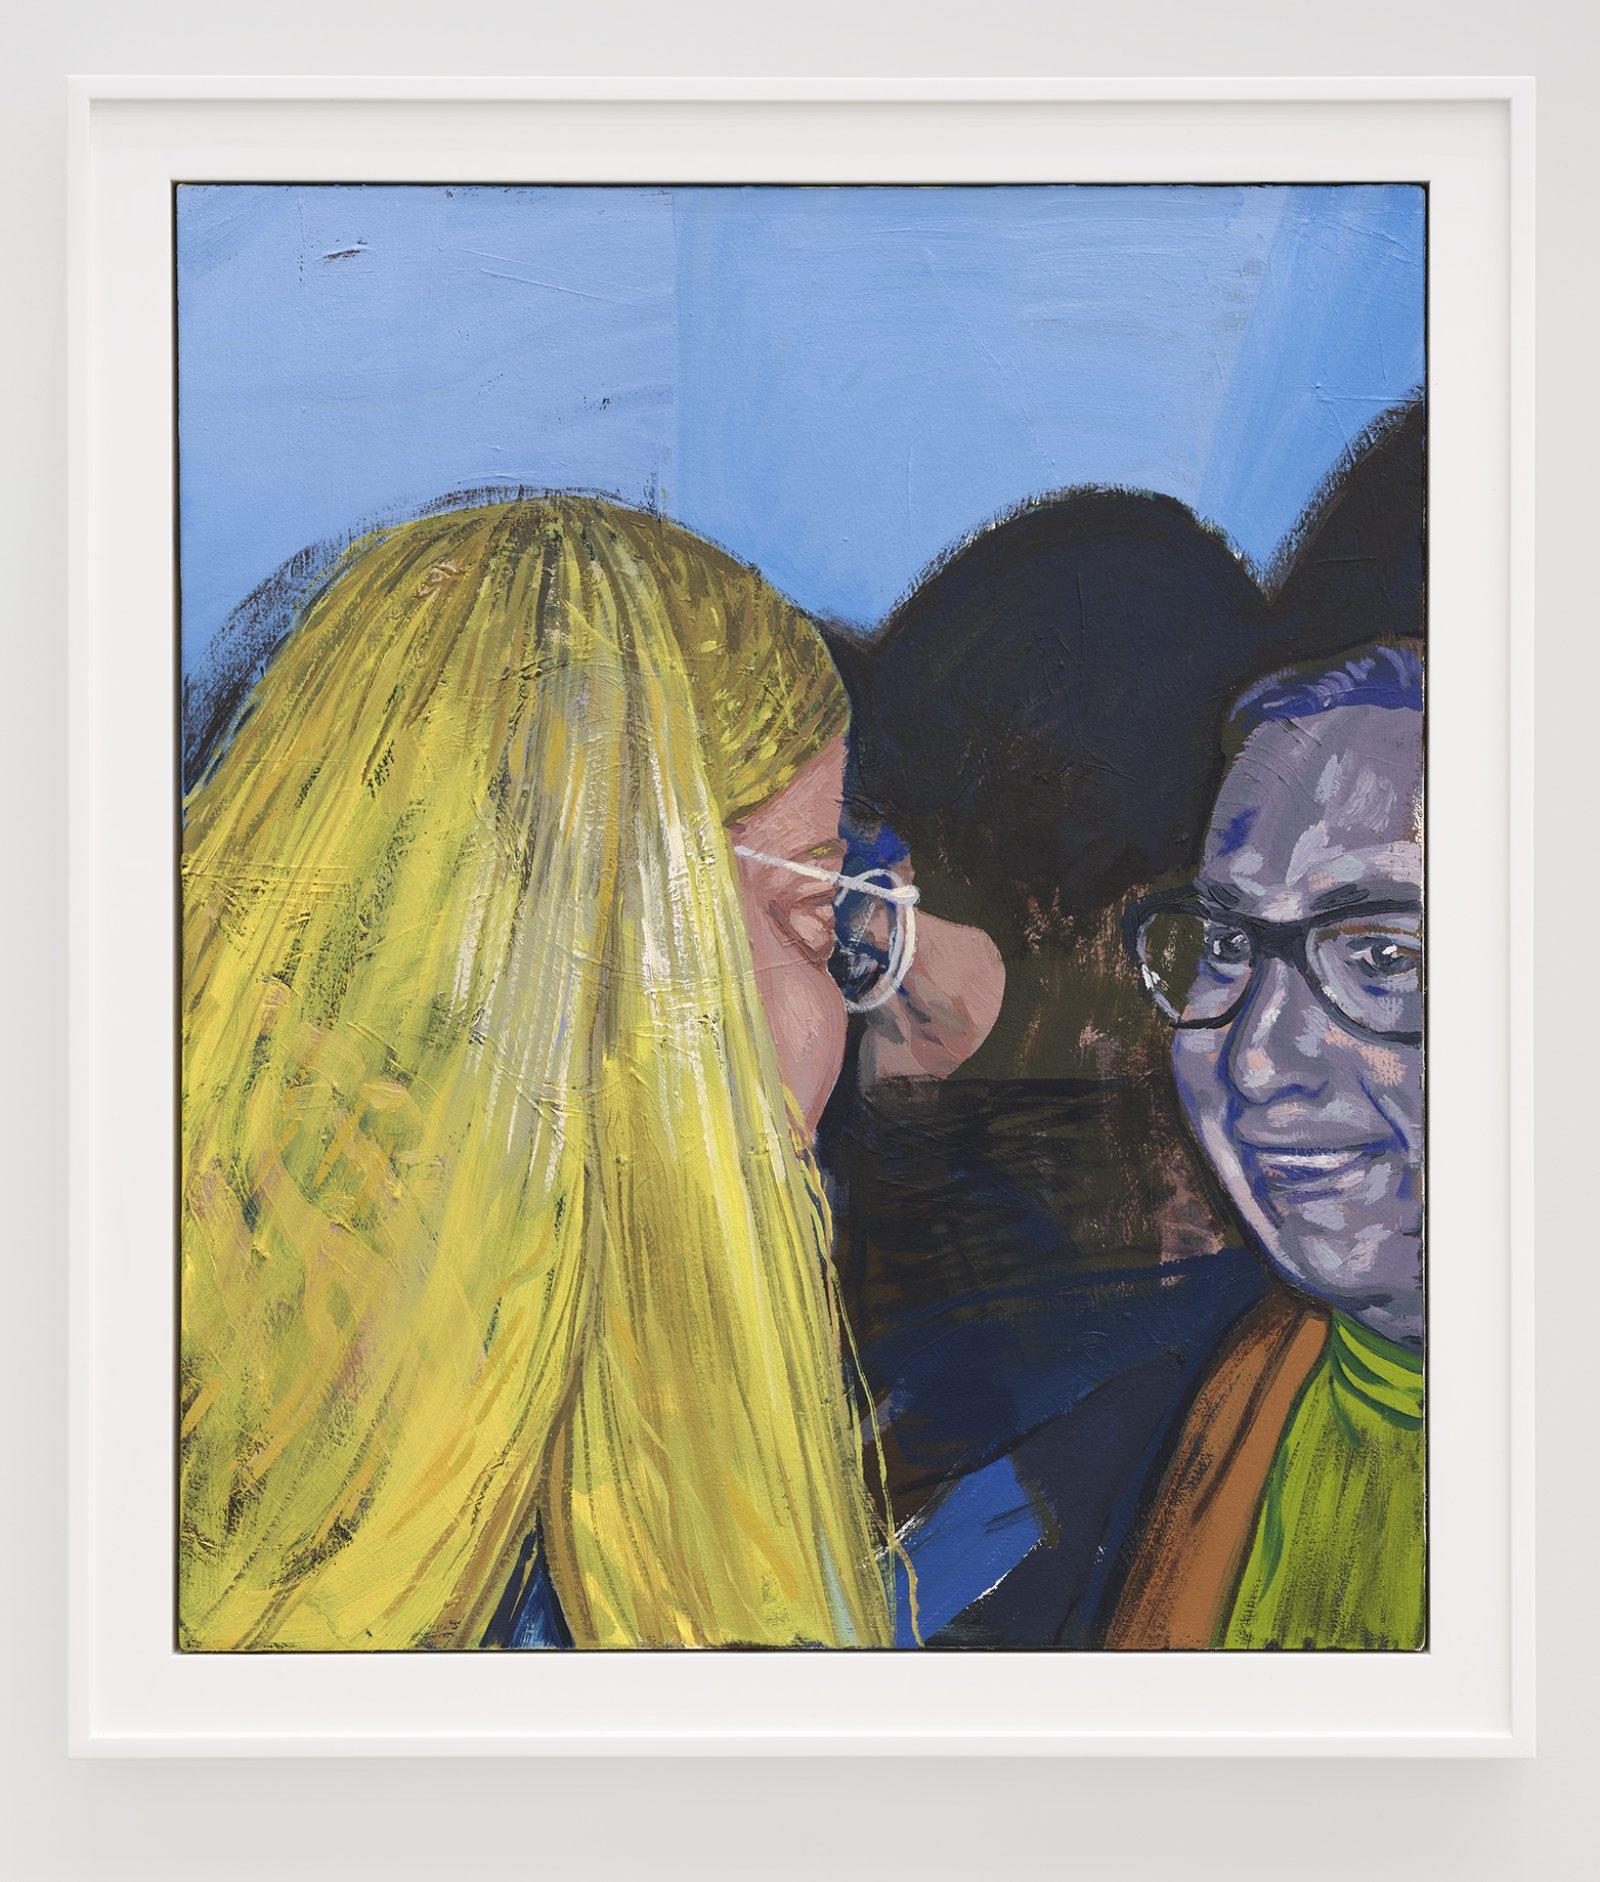 Damian Moppett, Little Blonde Head, 2020, oil on canvas, 32 x 27 in. (81 x 69 cm) by Damian Moppett